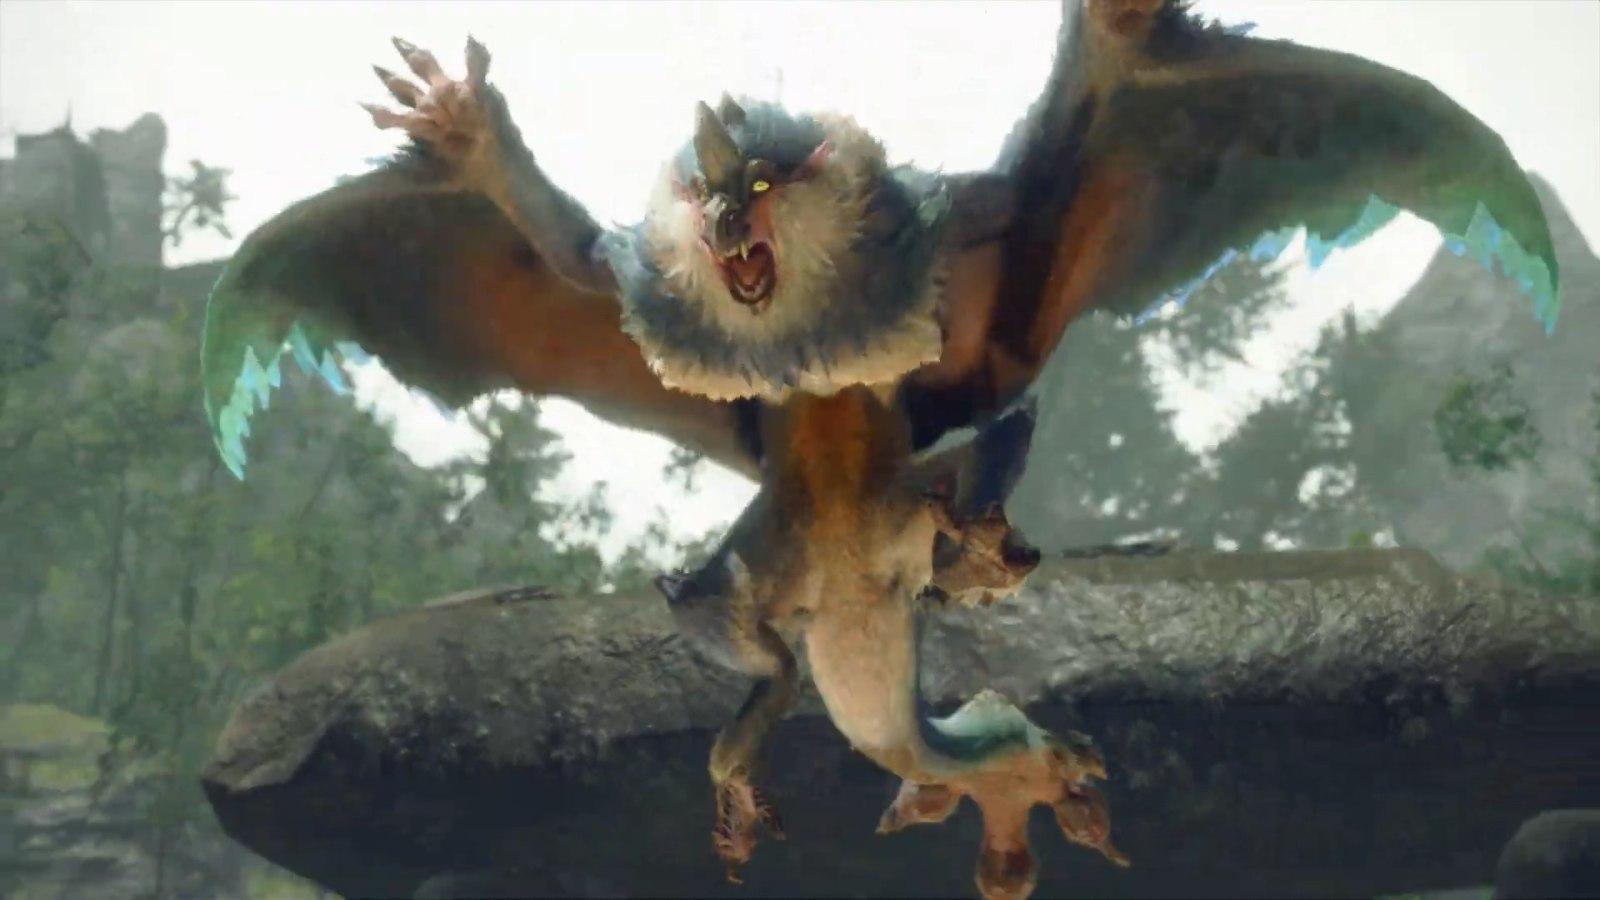 老朋友回来了,《怪物猎人 崛起》放出全新30秒电视广告